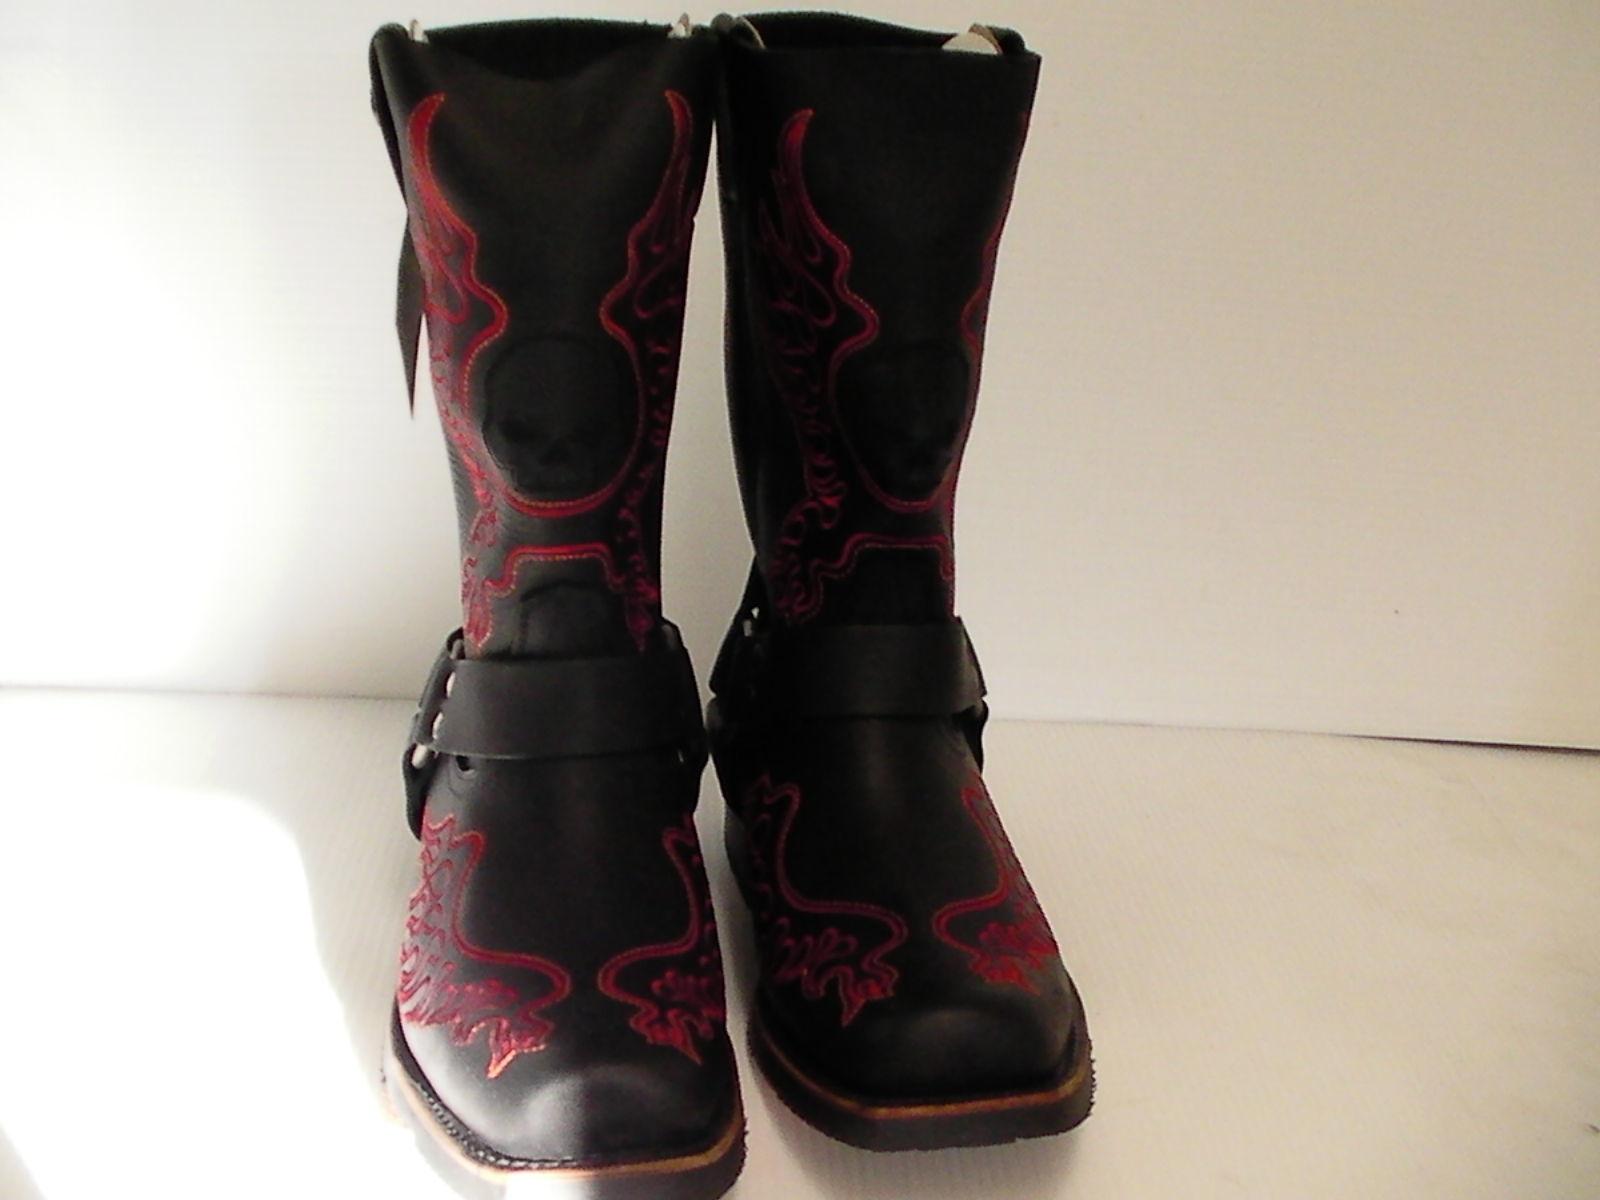 001a15c87011 Harley Davidson boots Slayton D93141 leather black oil resisting size 11 us